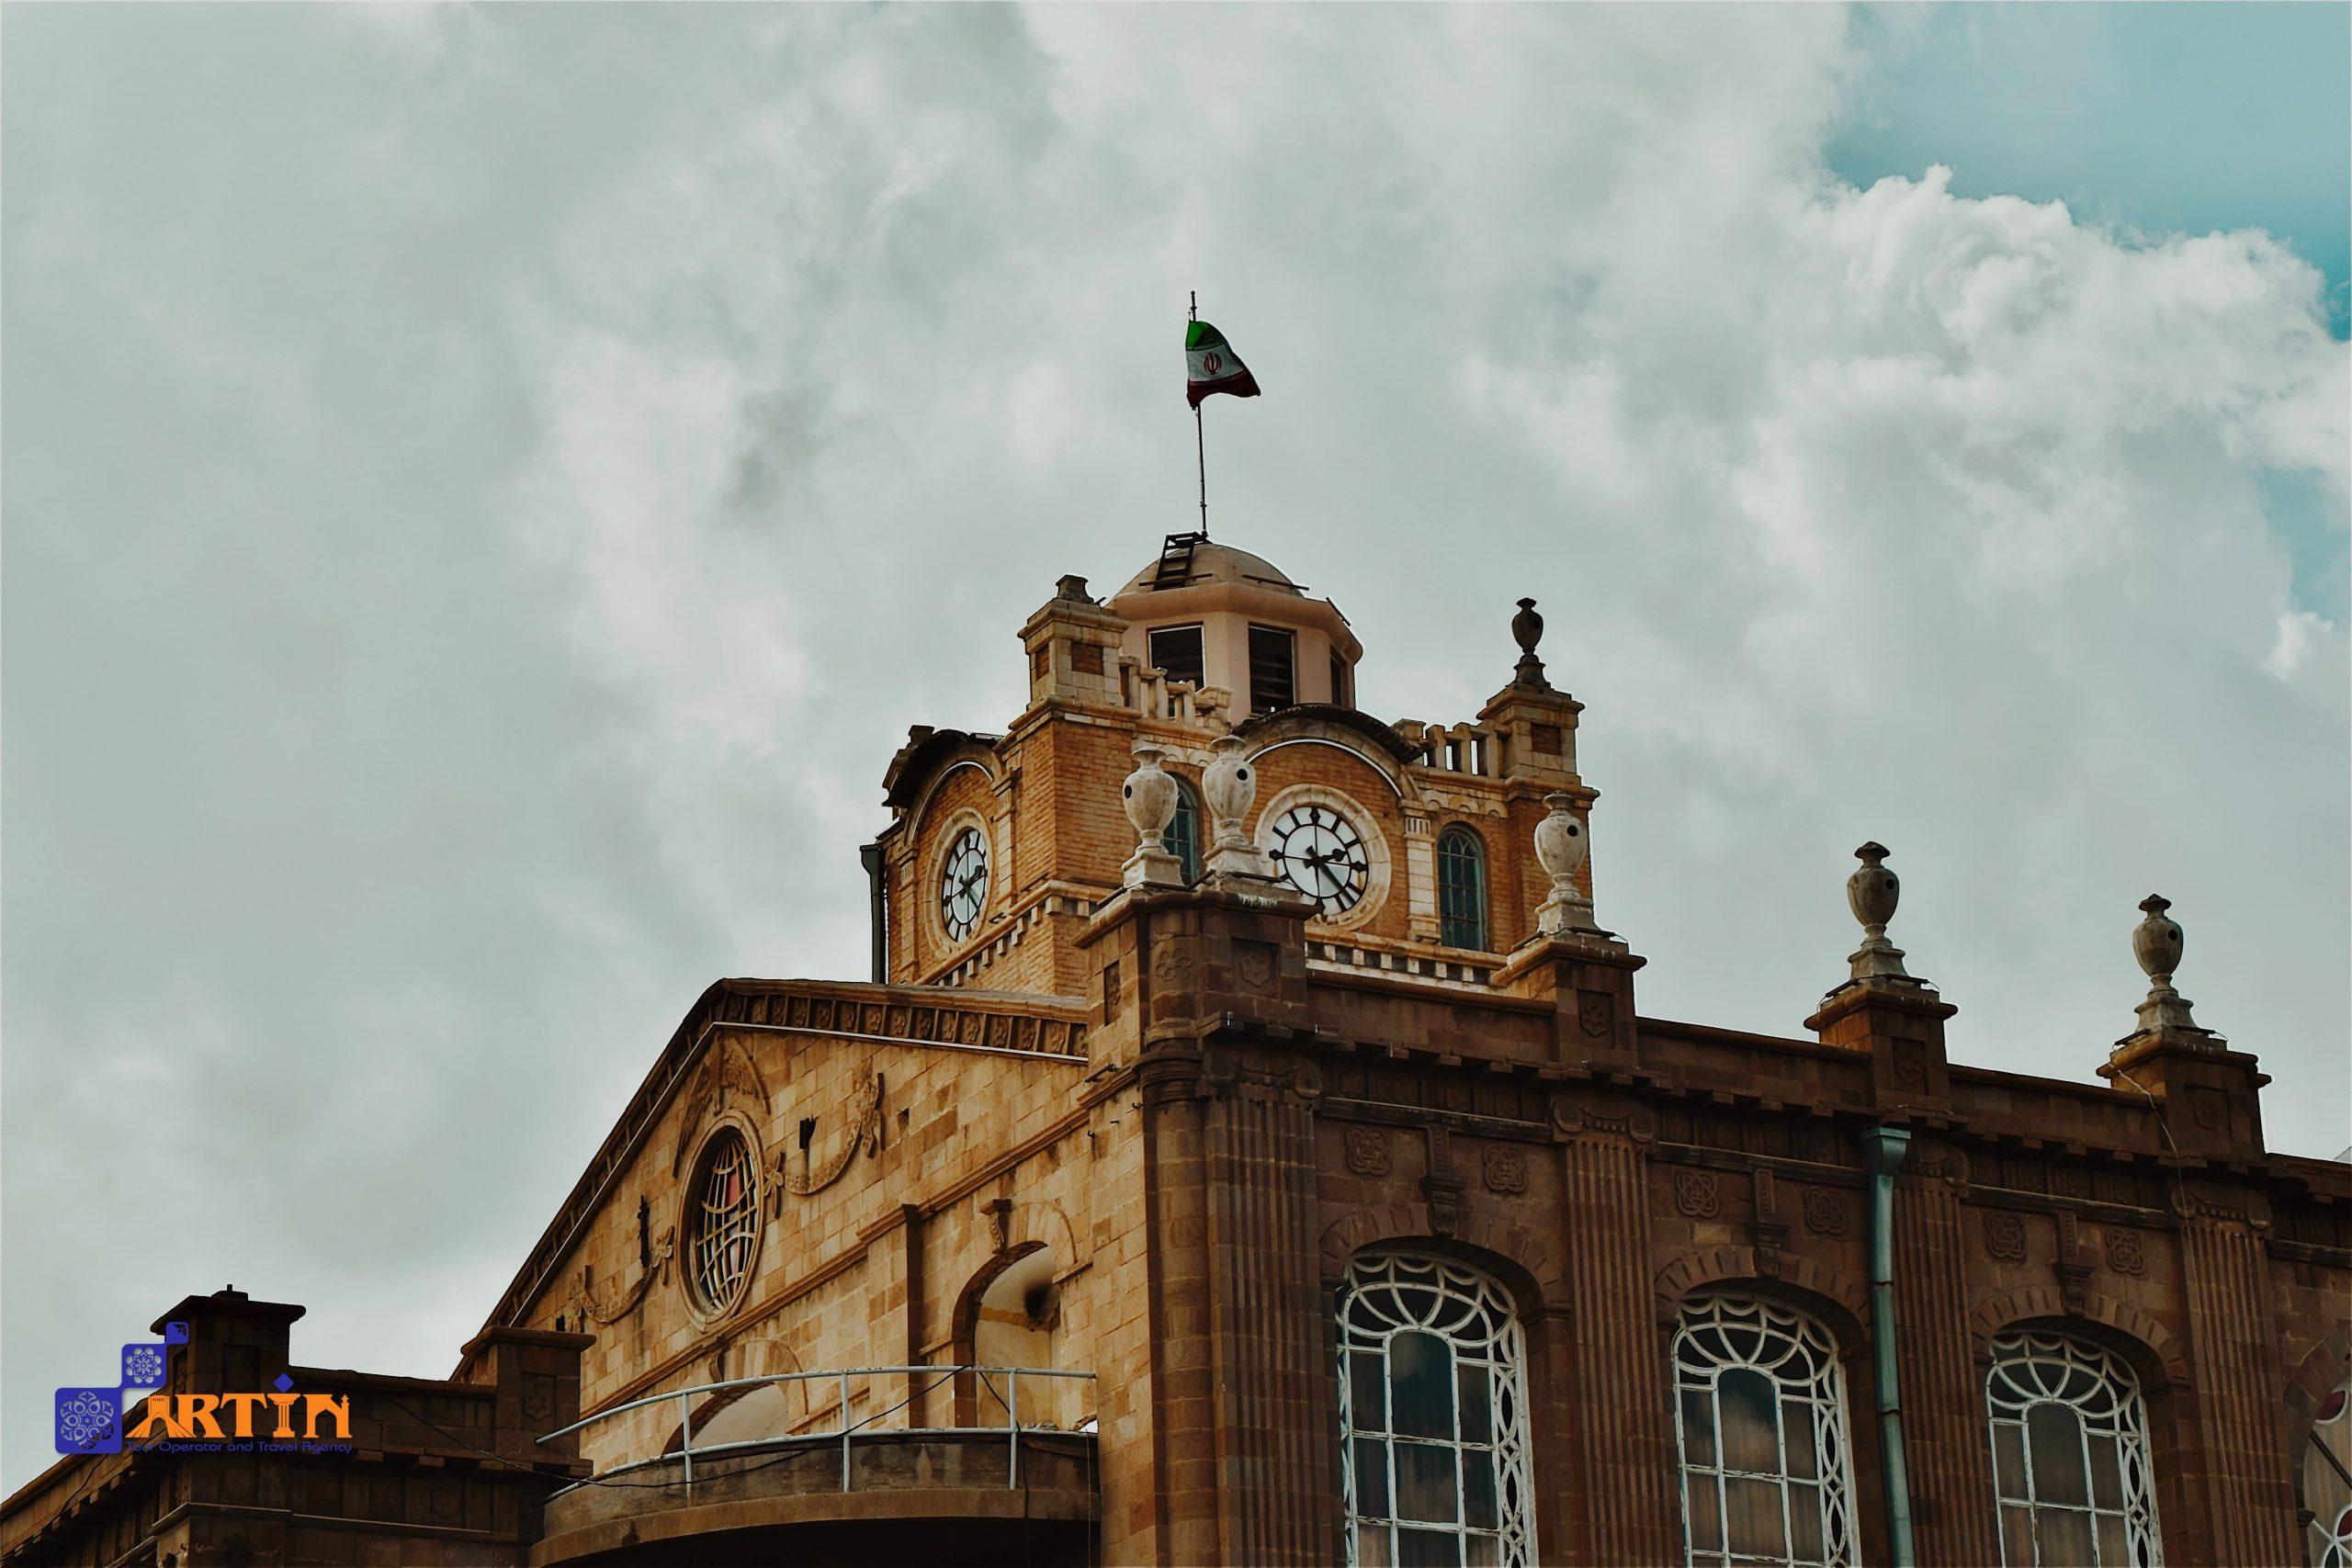 Tabriz-clock-tower-travel-guide-travelartin.com